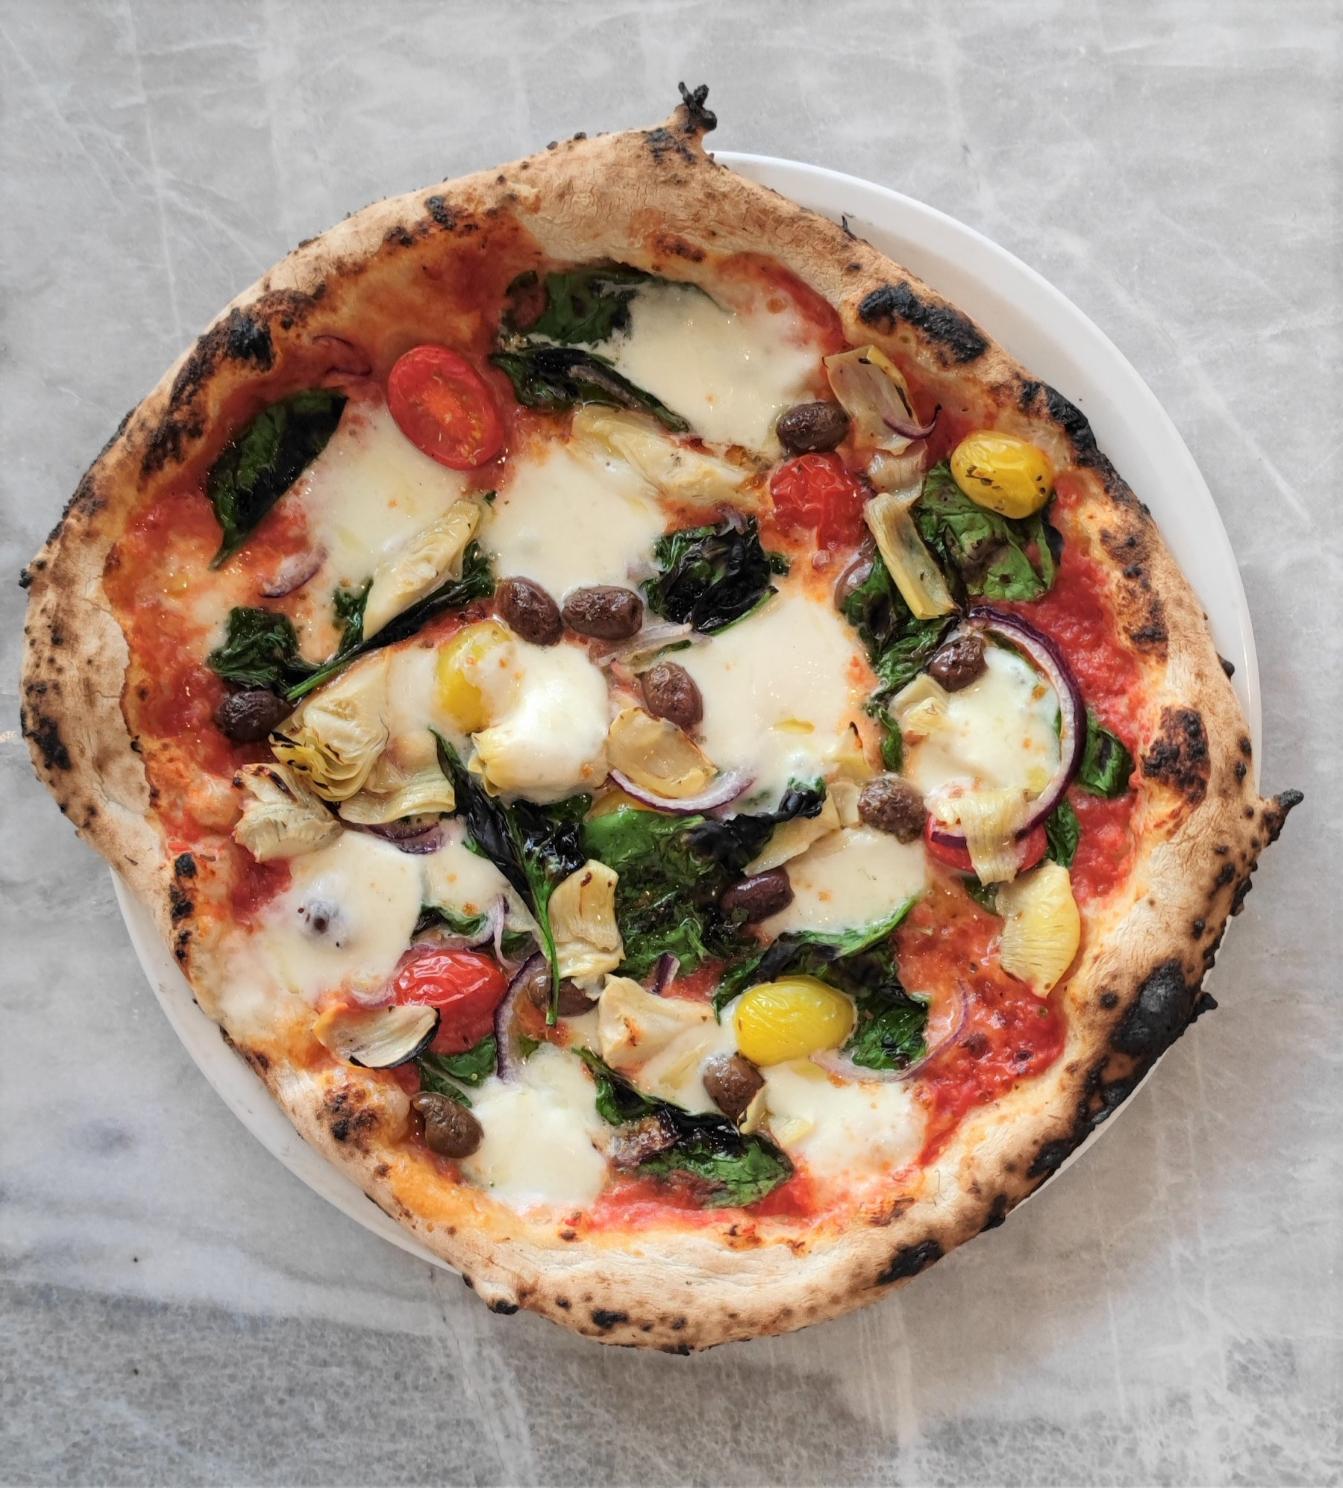 pomodoro, fior di latte, grana padano, spinach, tomato, red onion, artichoke, olives, oregano VEG